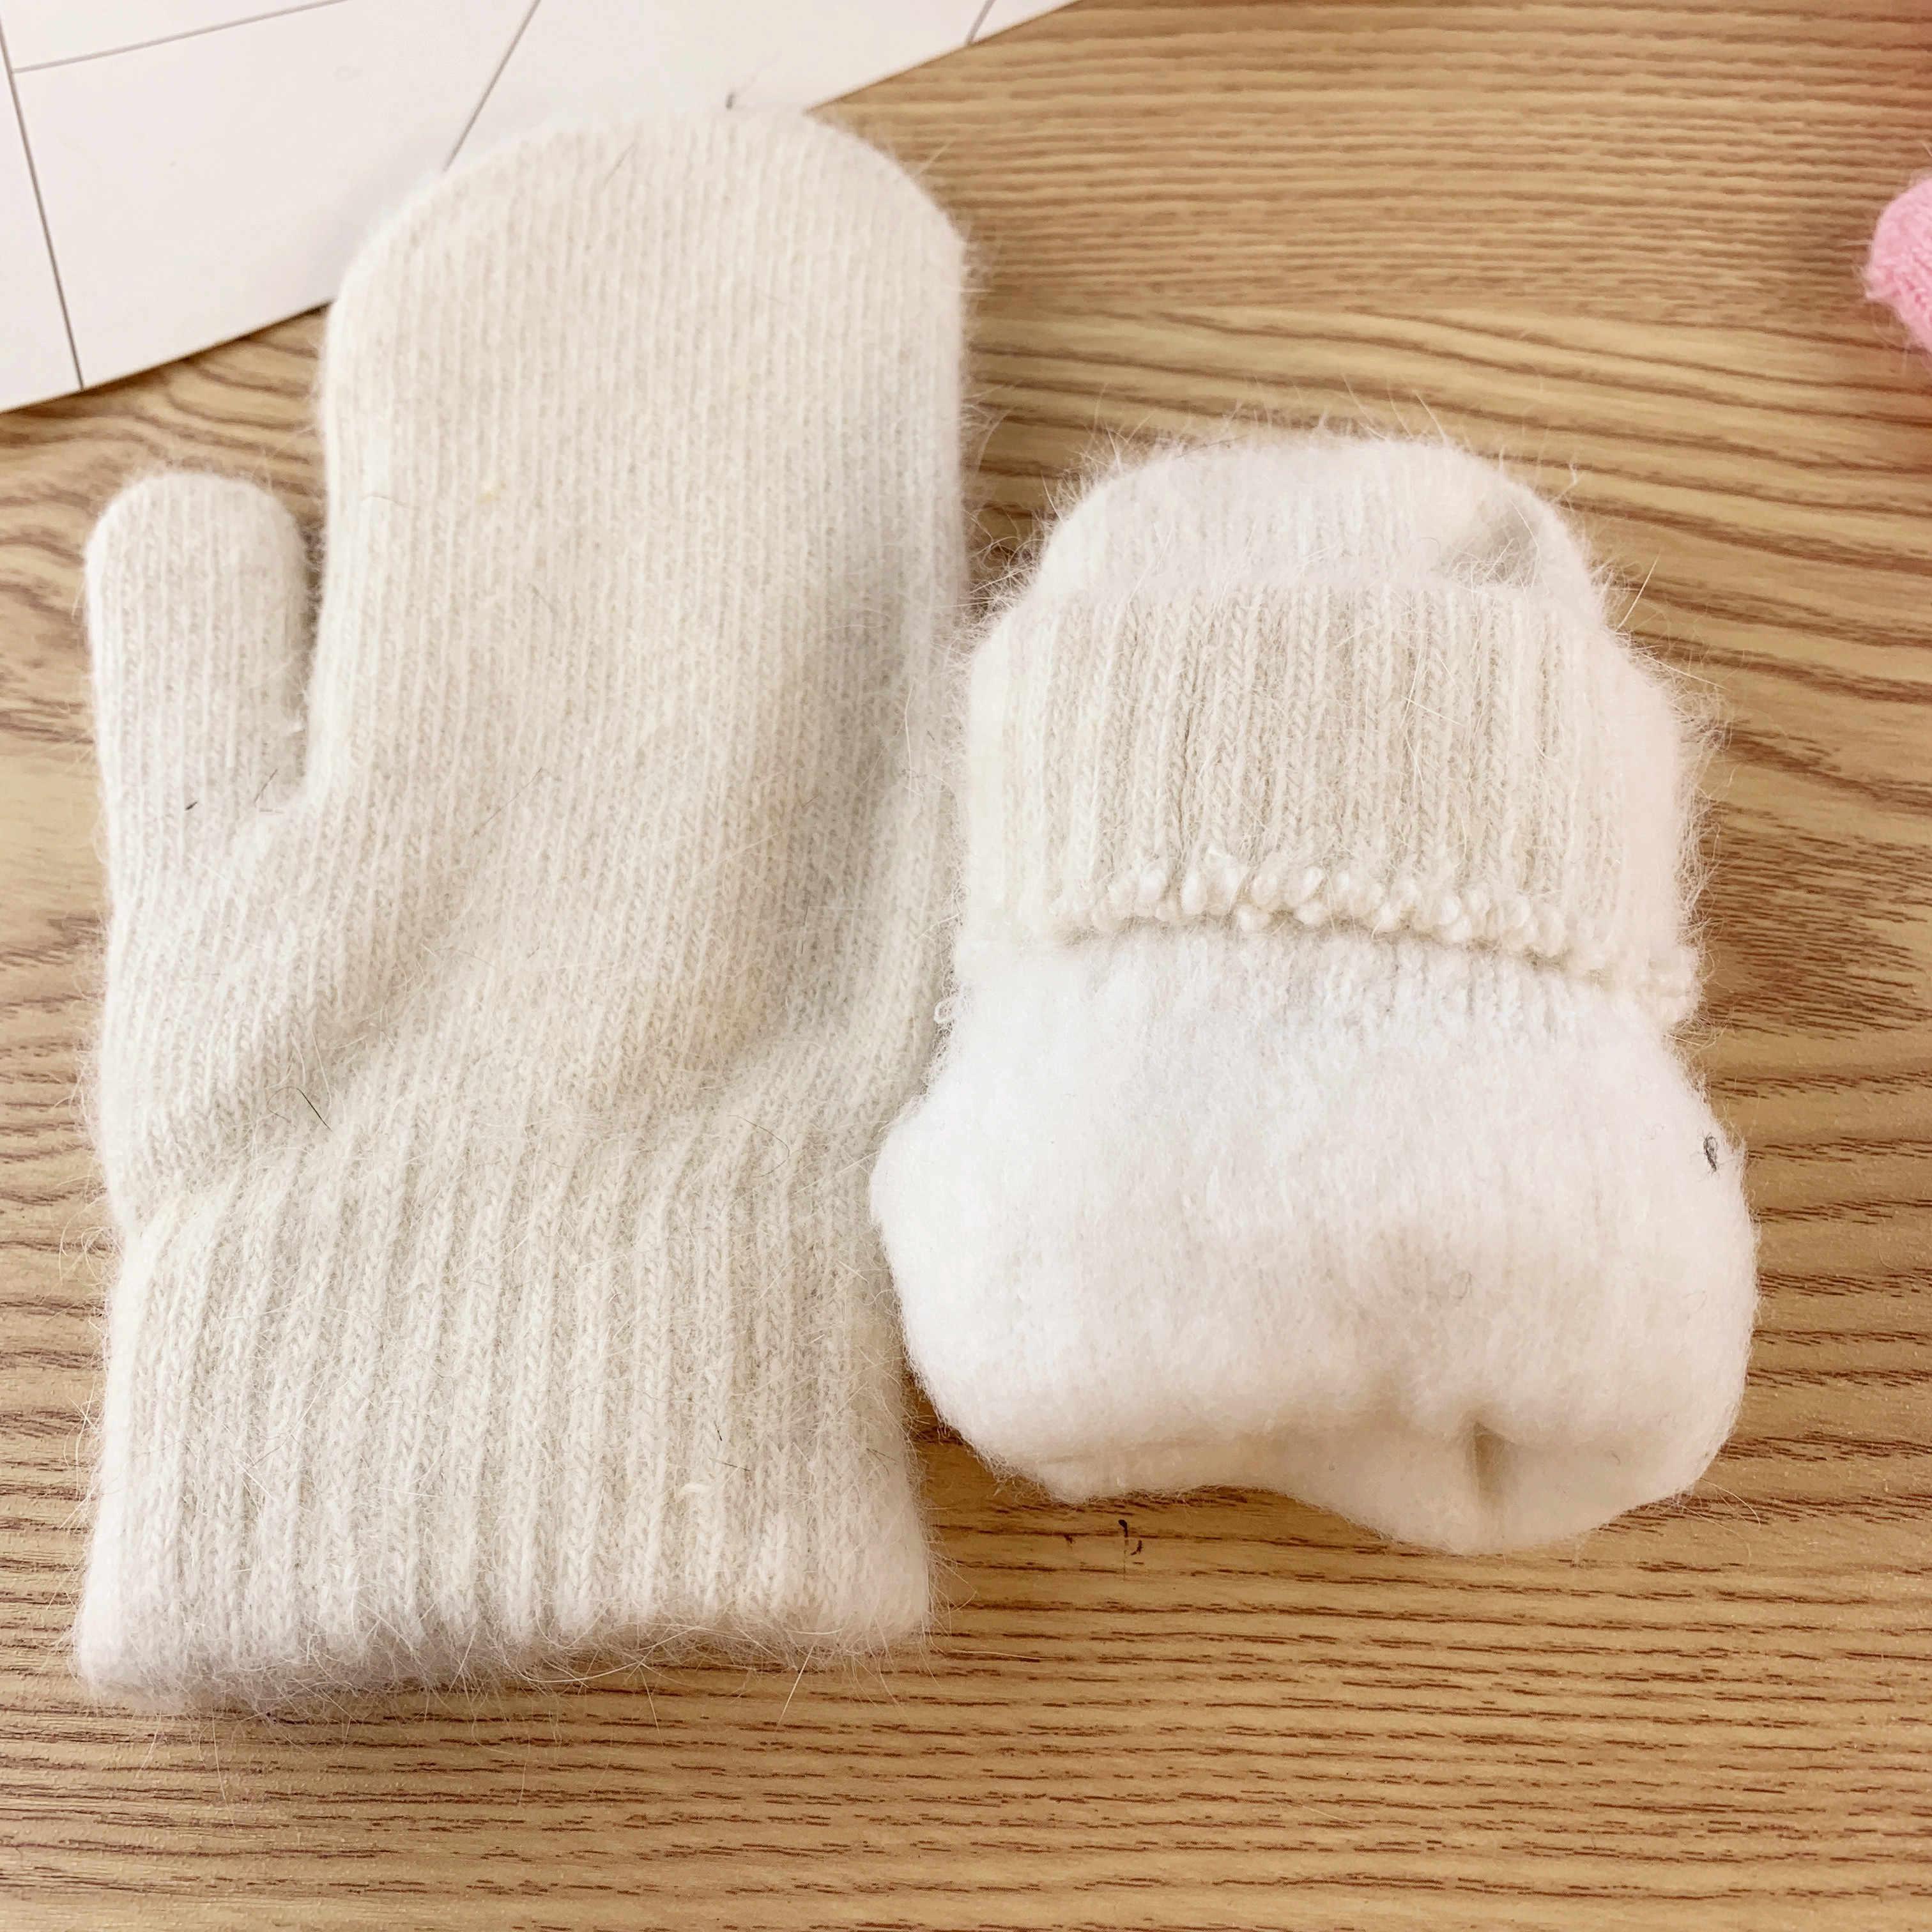 Double-Layer Rambut Kelinci Sarung Tangan Musim Dingin untuk Wanita Versi Korea dari Warna Solid Jari Musim Dingin Wanita Sarung Tangan Anak Perempuan Sarung Tangan